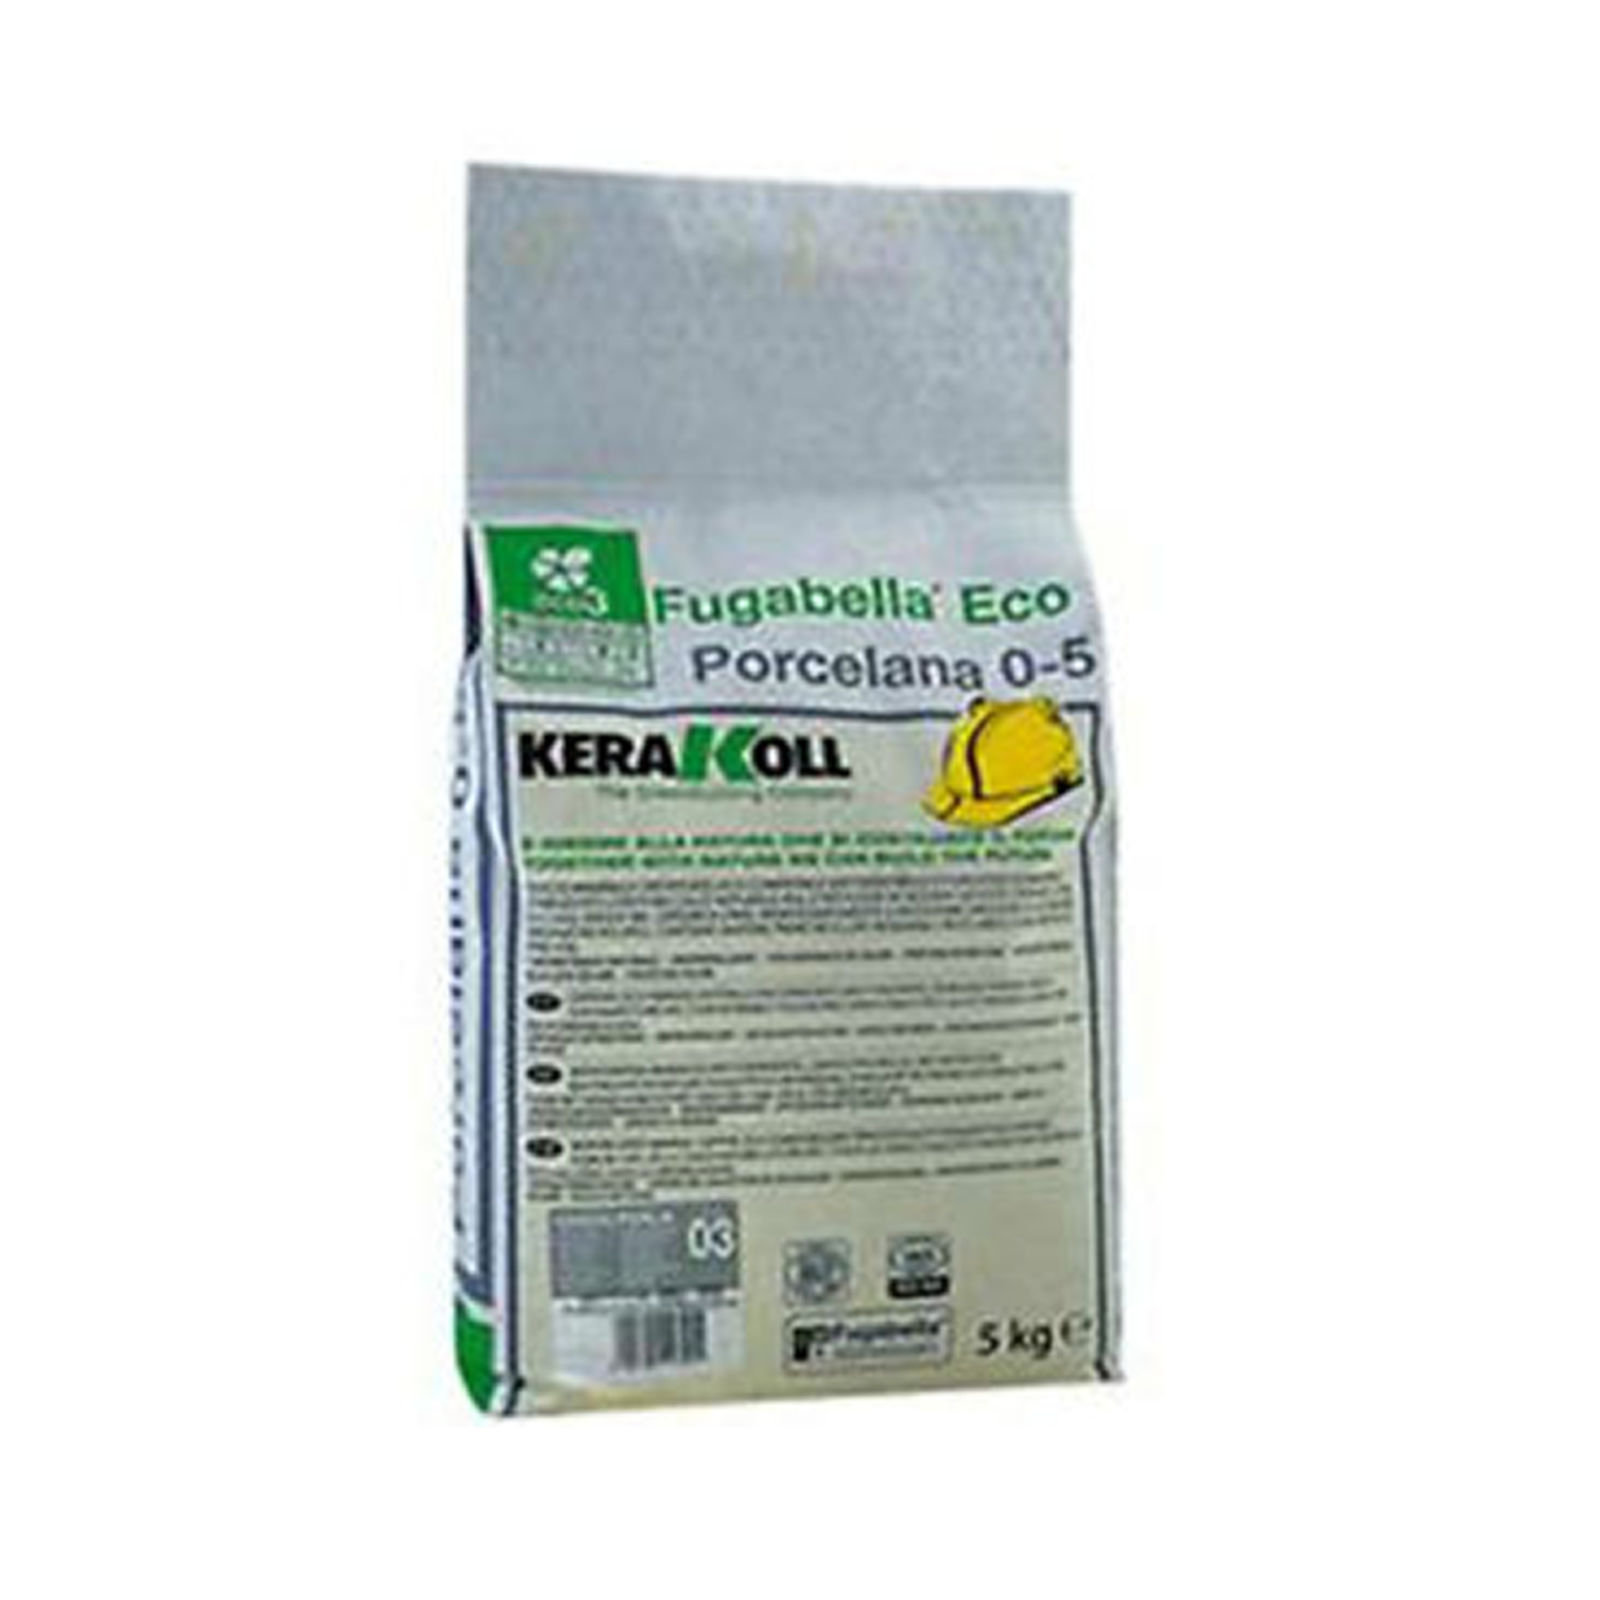 Kerakoll fugabella eco porcelana 0-5 fuga stucco per piastrelle colore magnolia kg5